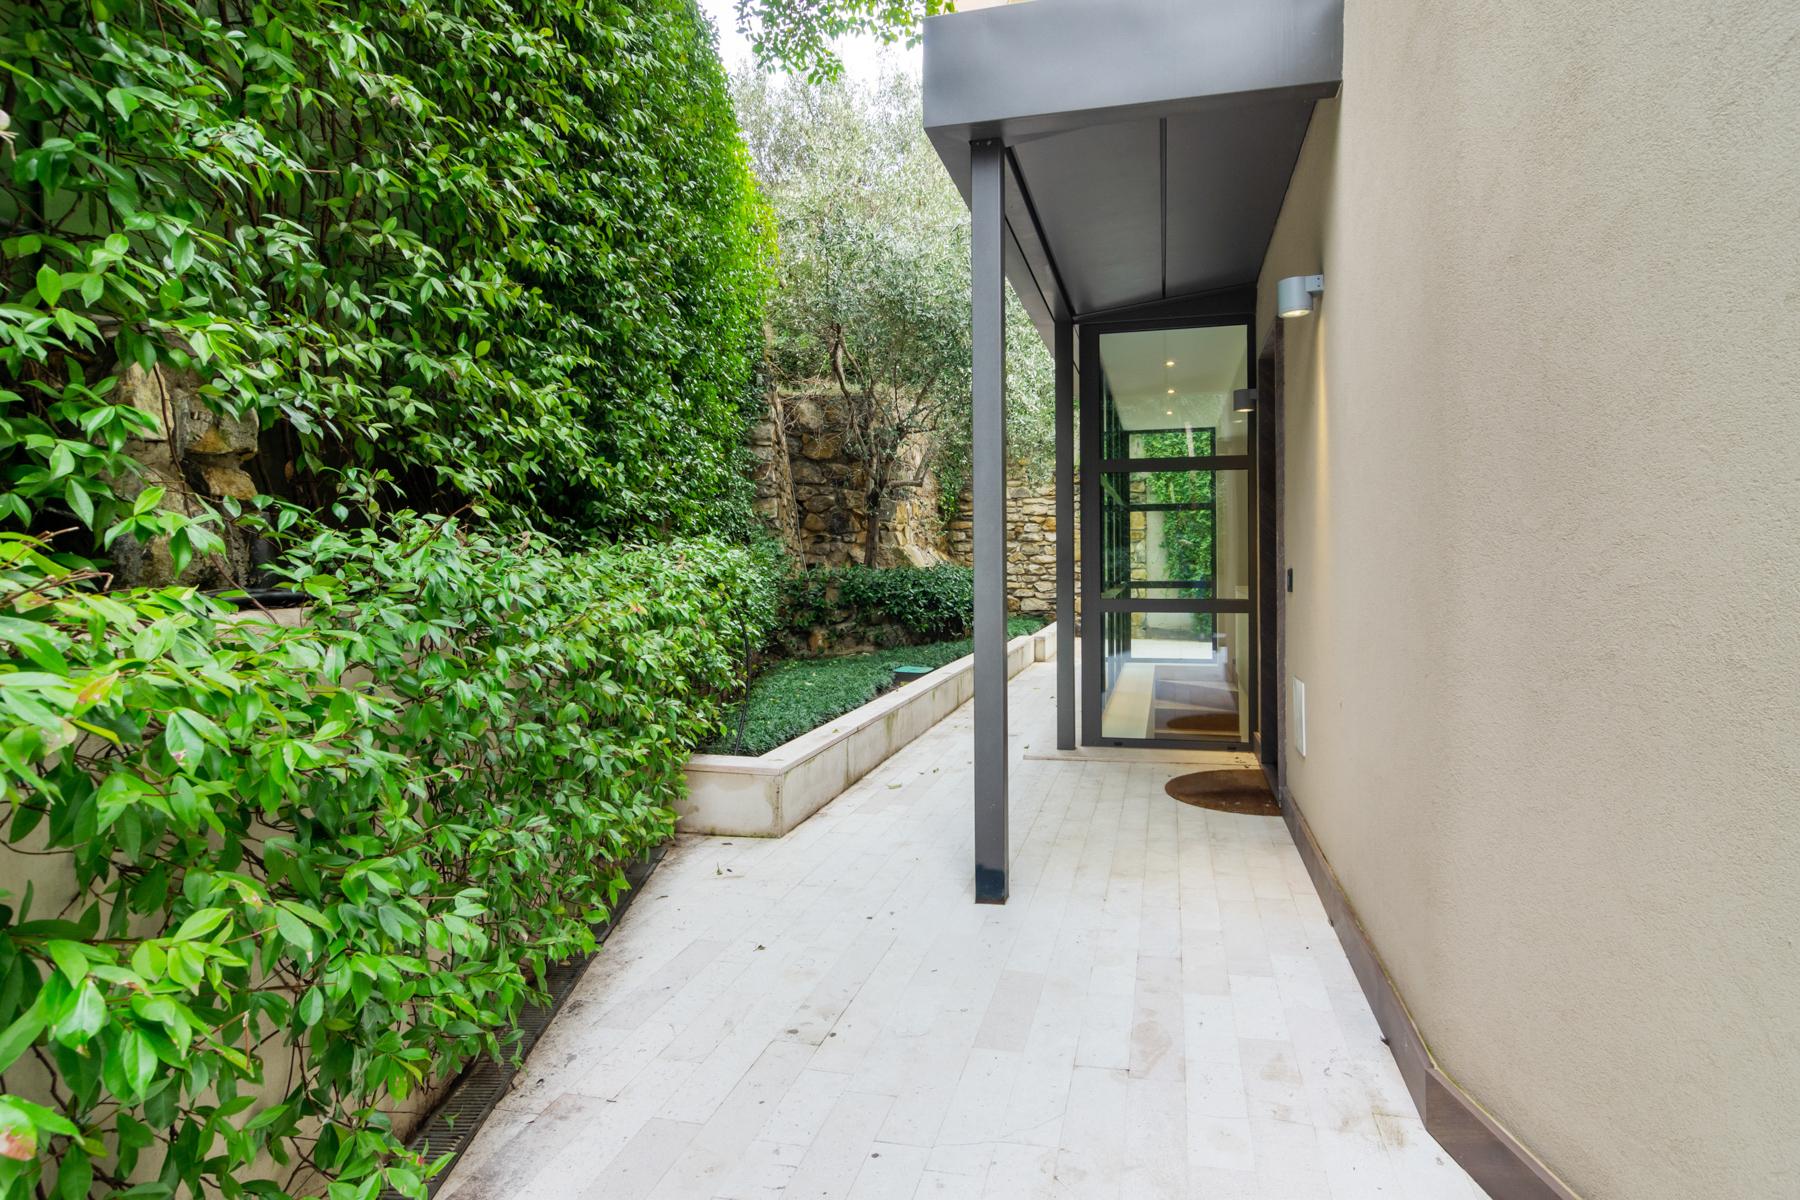 Appartamento in Vendita a Santa Margherita Ligure: 4 locali, 124 mq - Foto 2